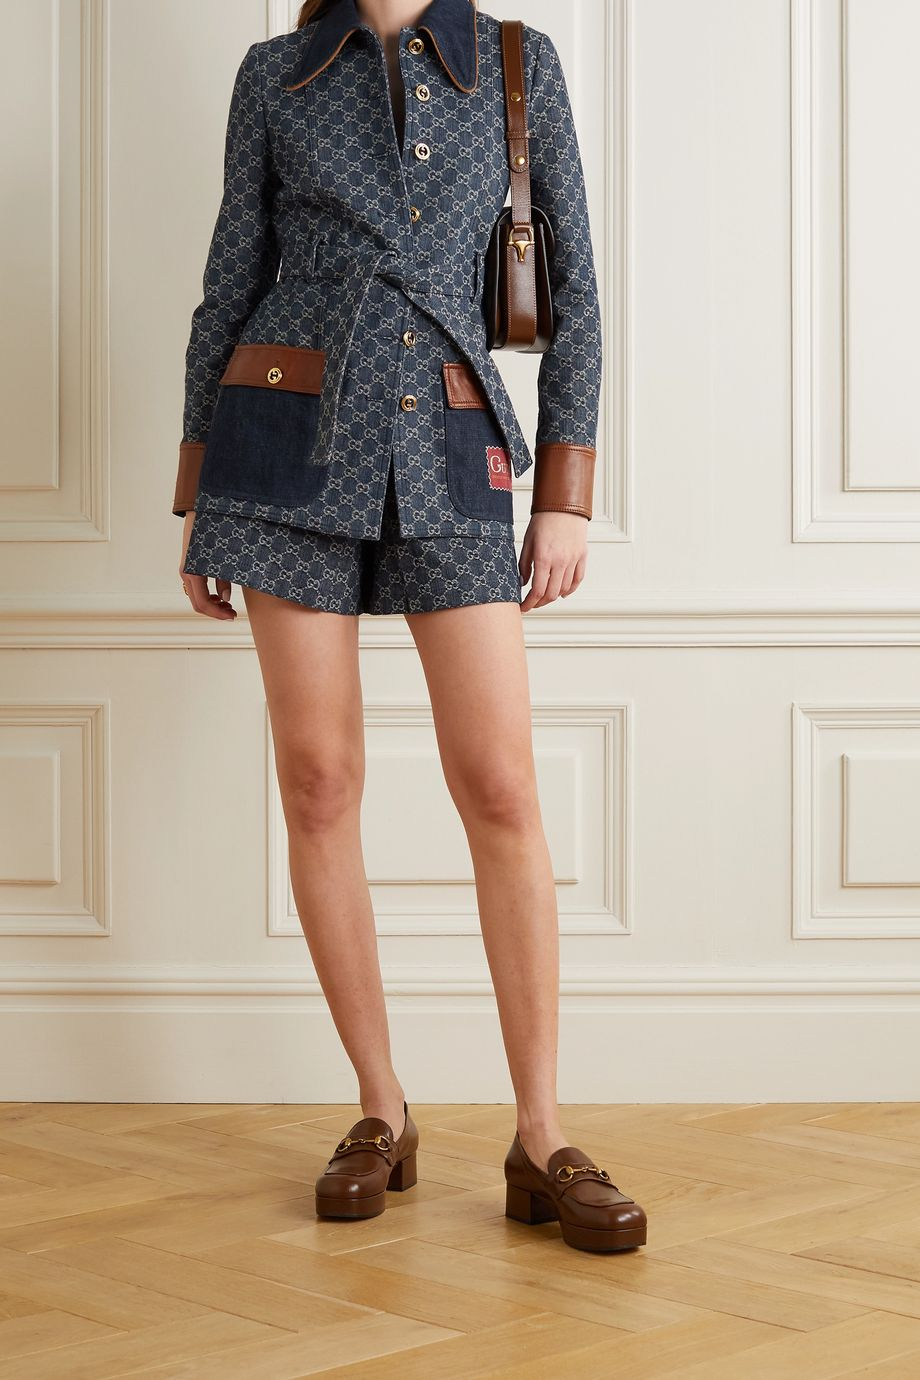 Gucci + NET SUSTAIN Jeansjacke aus Bio-Denim mit Jacquard-Muster und Lederbesätzen